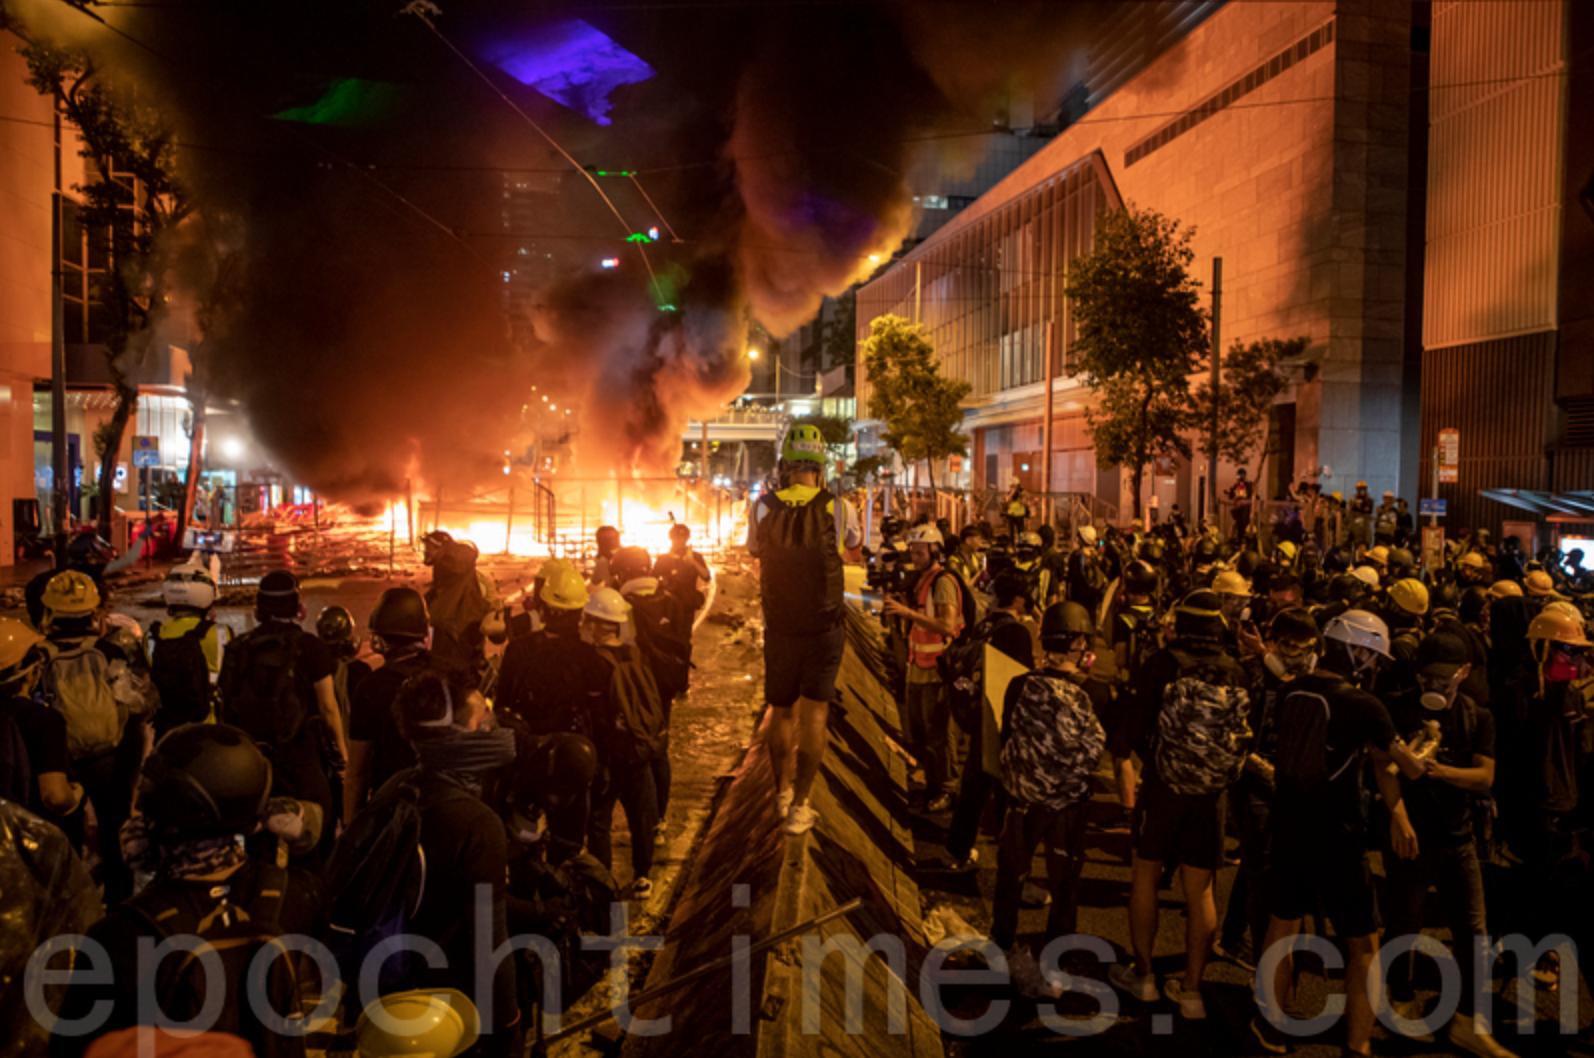 去年8月31日港島區遊行,七人被控暴動罪,案件12月28日於區域法院裁決。圖為2019年8月31日灣仔,抗爭者堆放的路障雜物起火。(余鋼/大紀元)